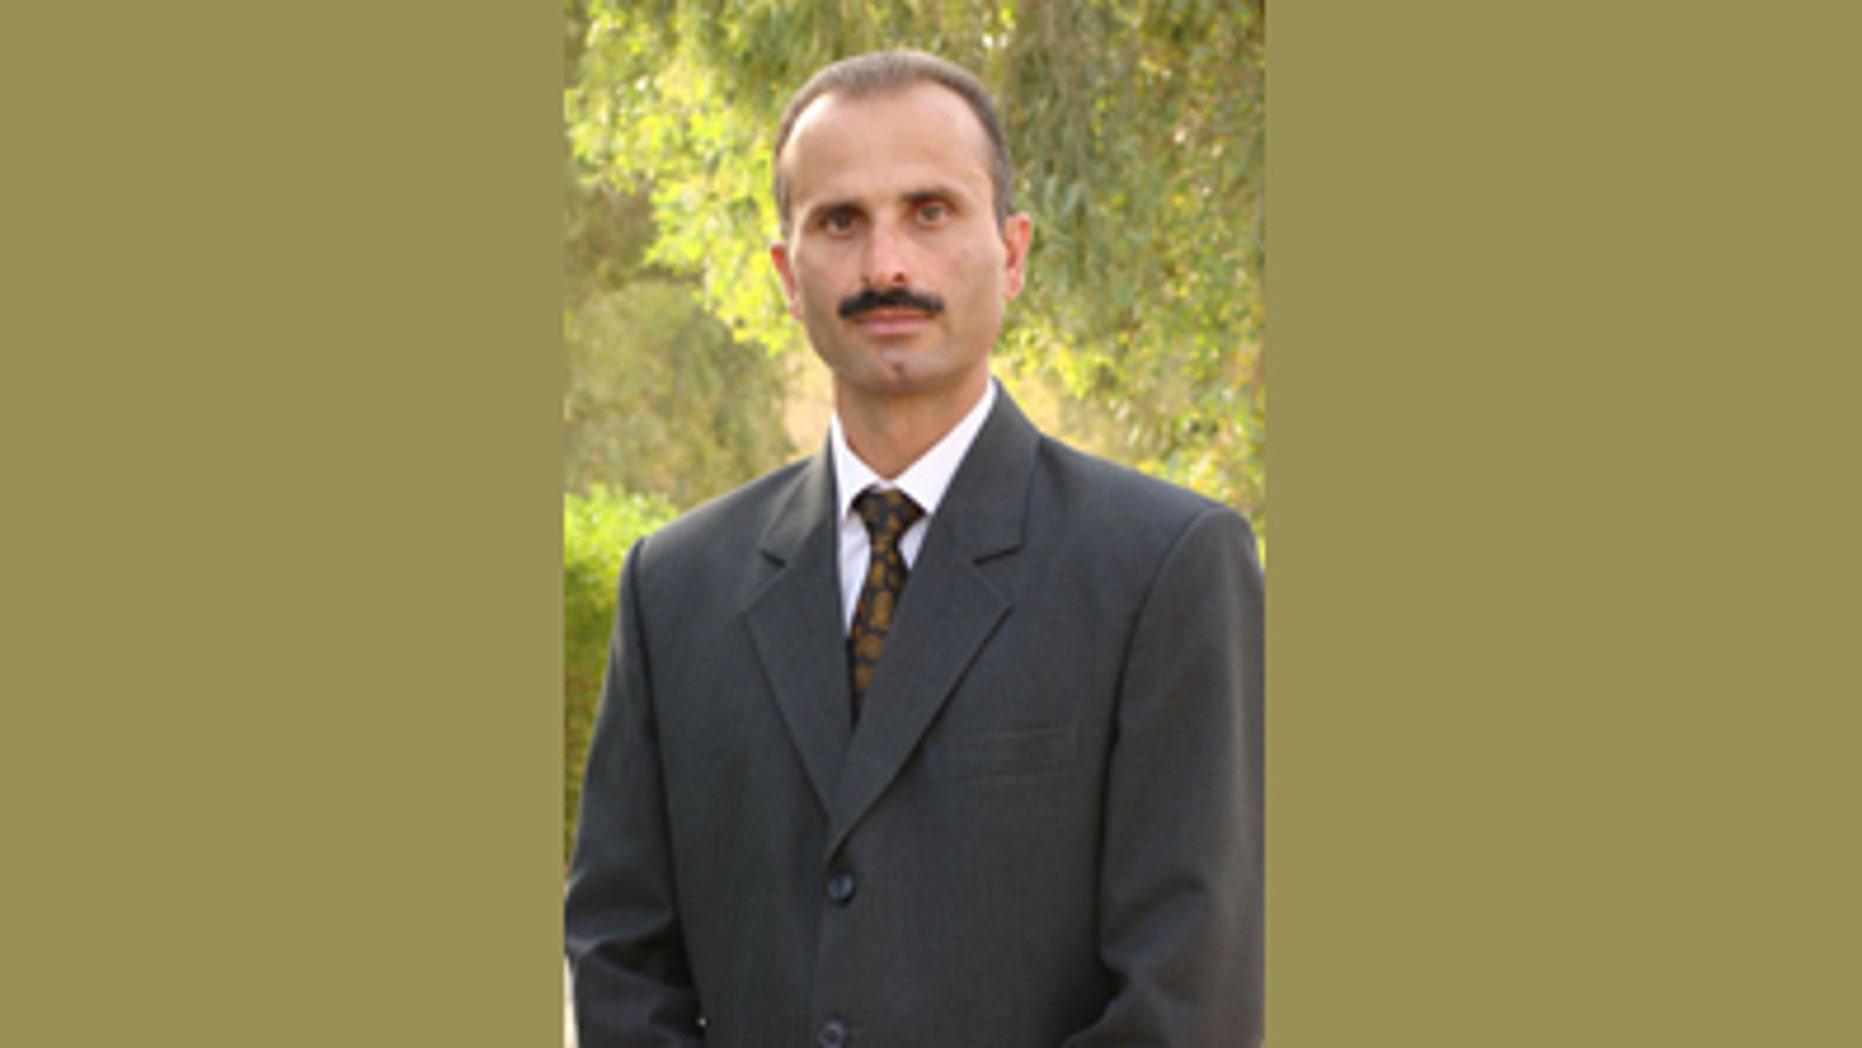 Bardia Amir-Mostofian